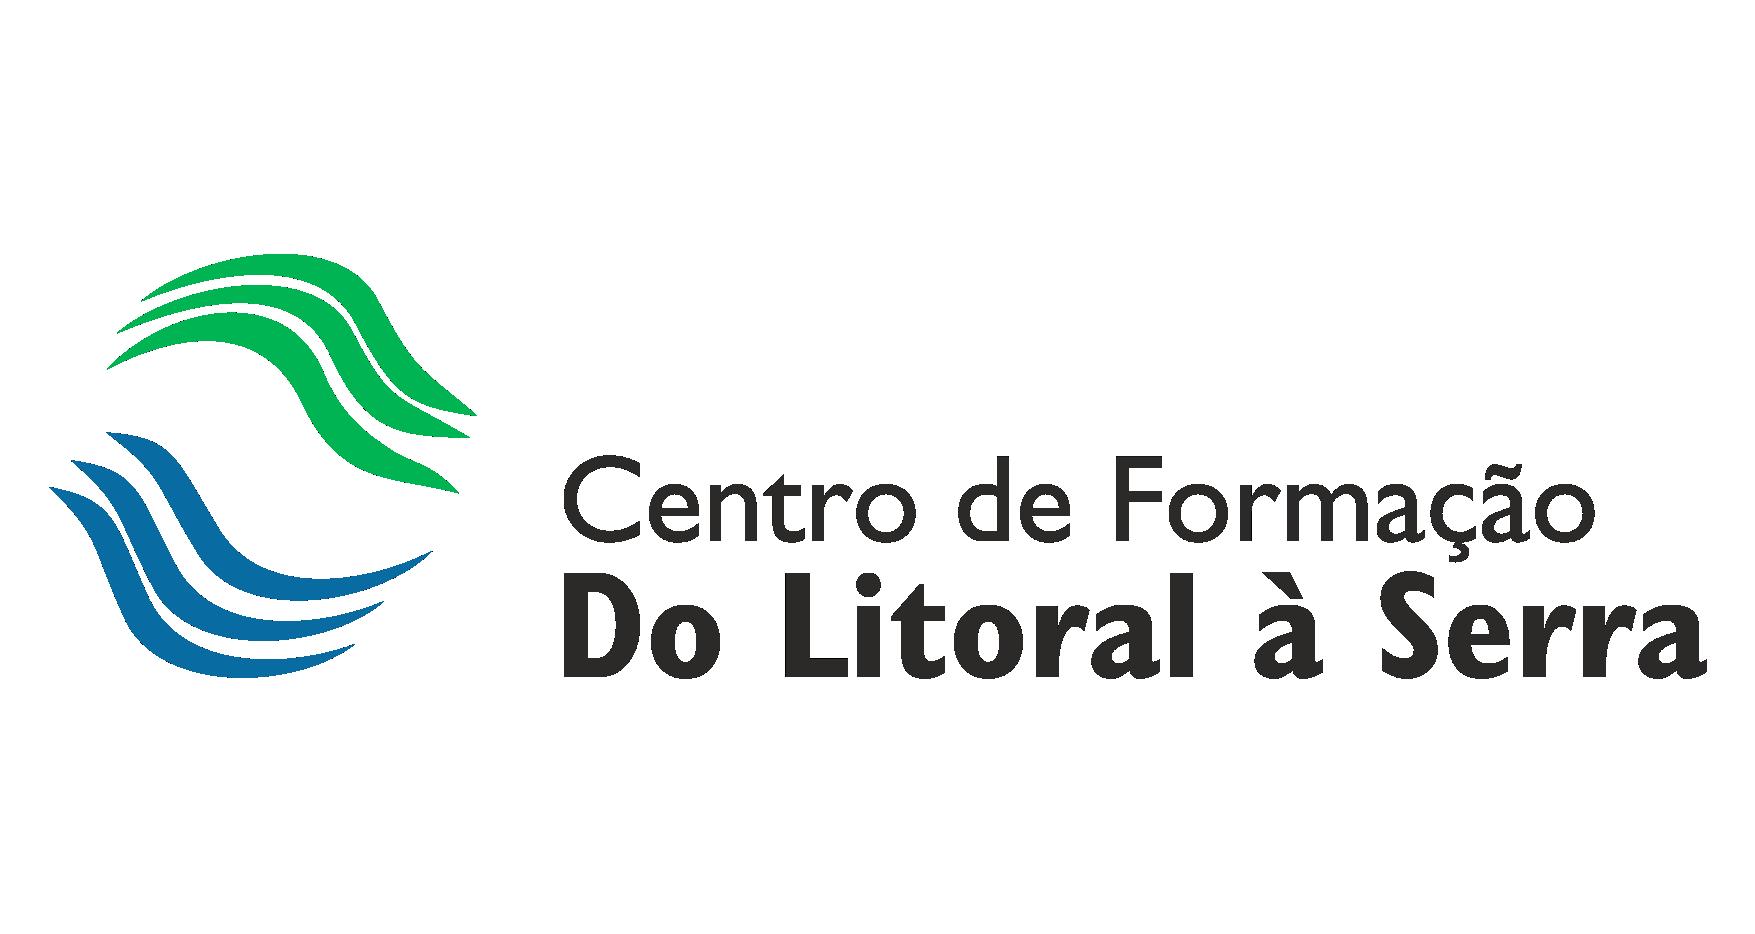 CFAE do Litoral à Serra